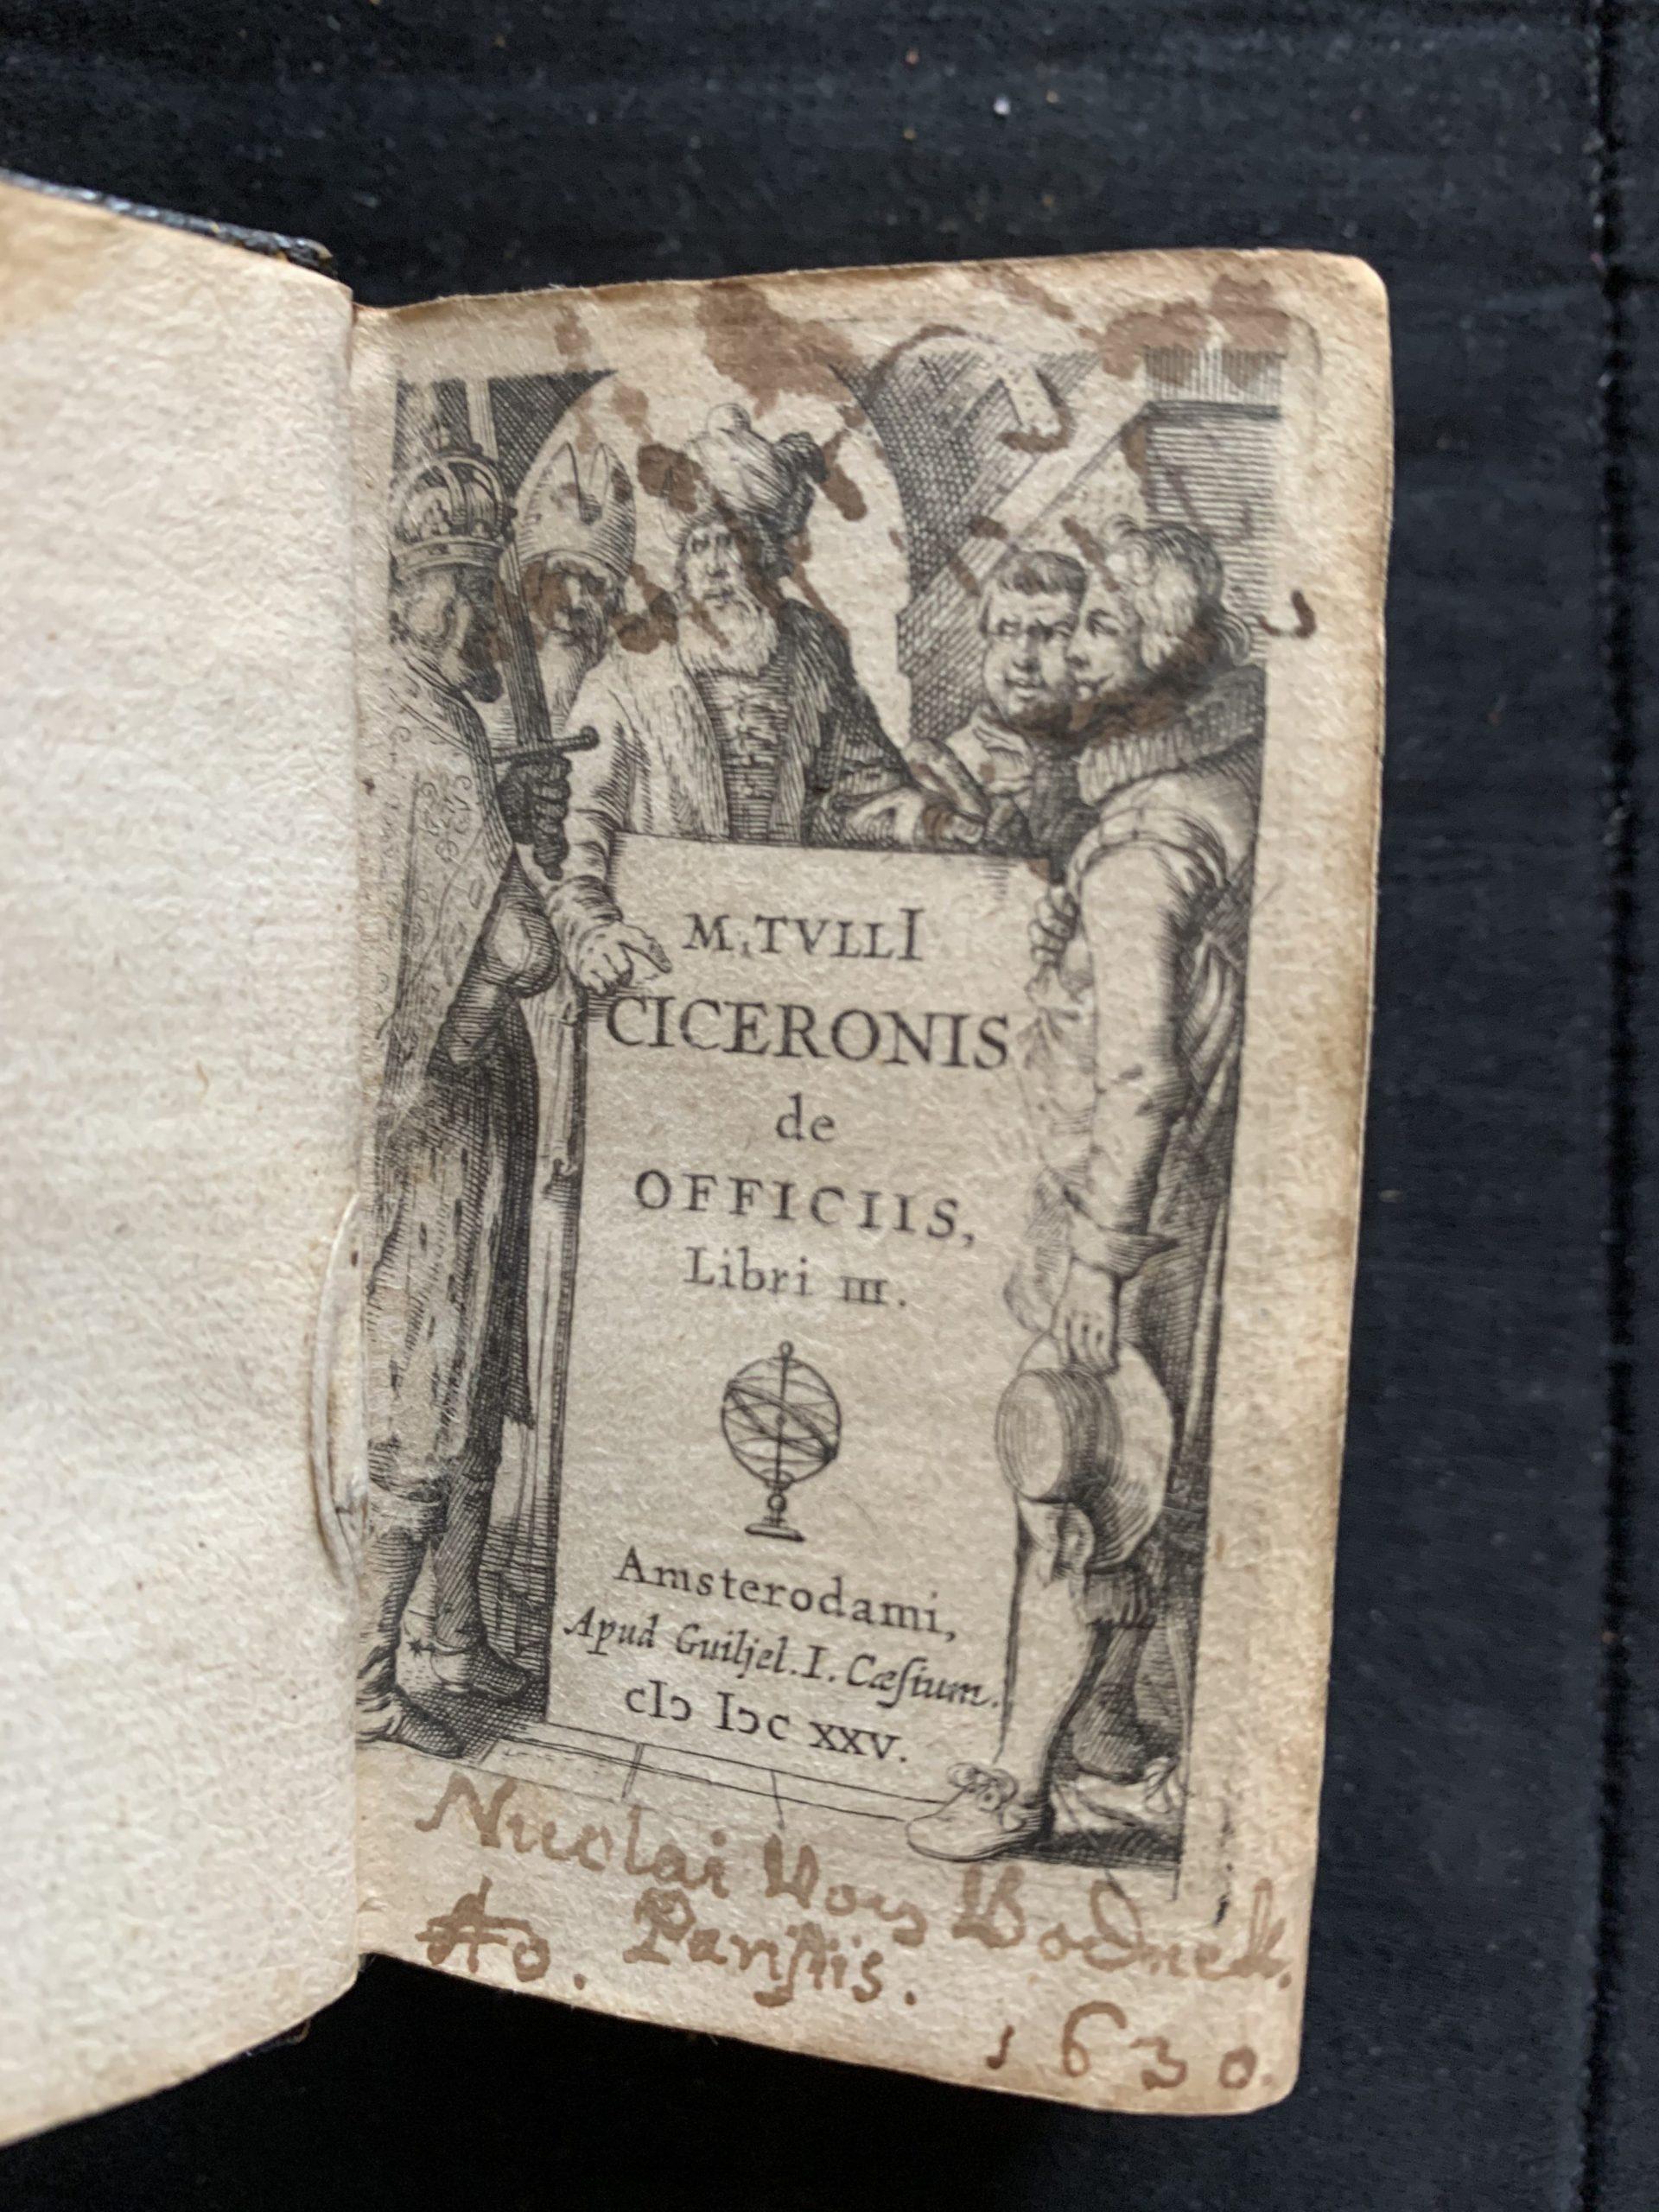 CICERO, Marcus Tullius; LIPSIUS, Justus